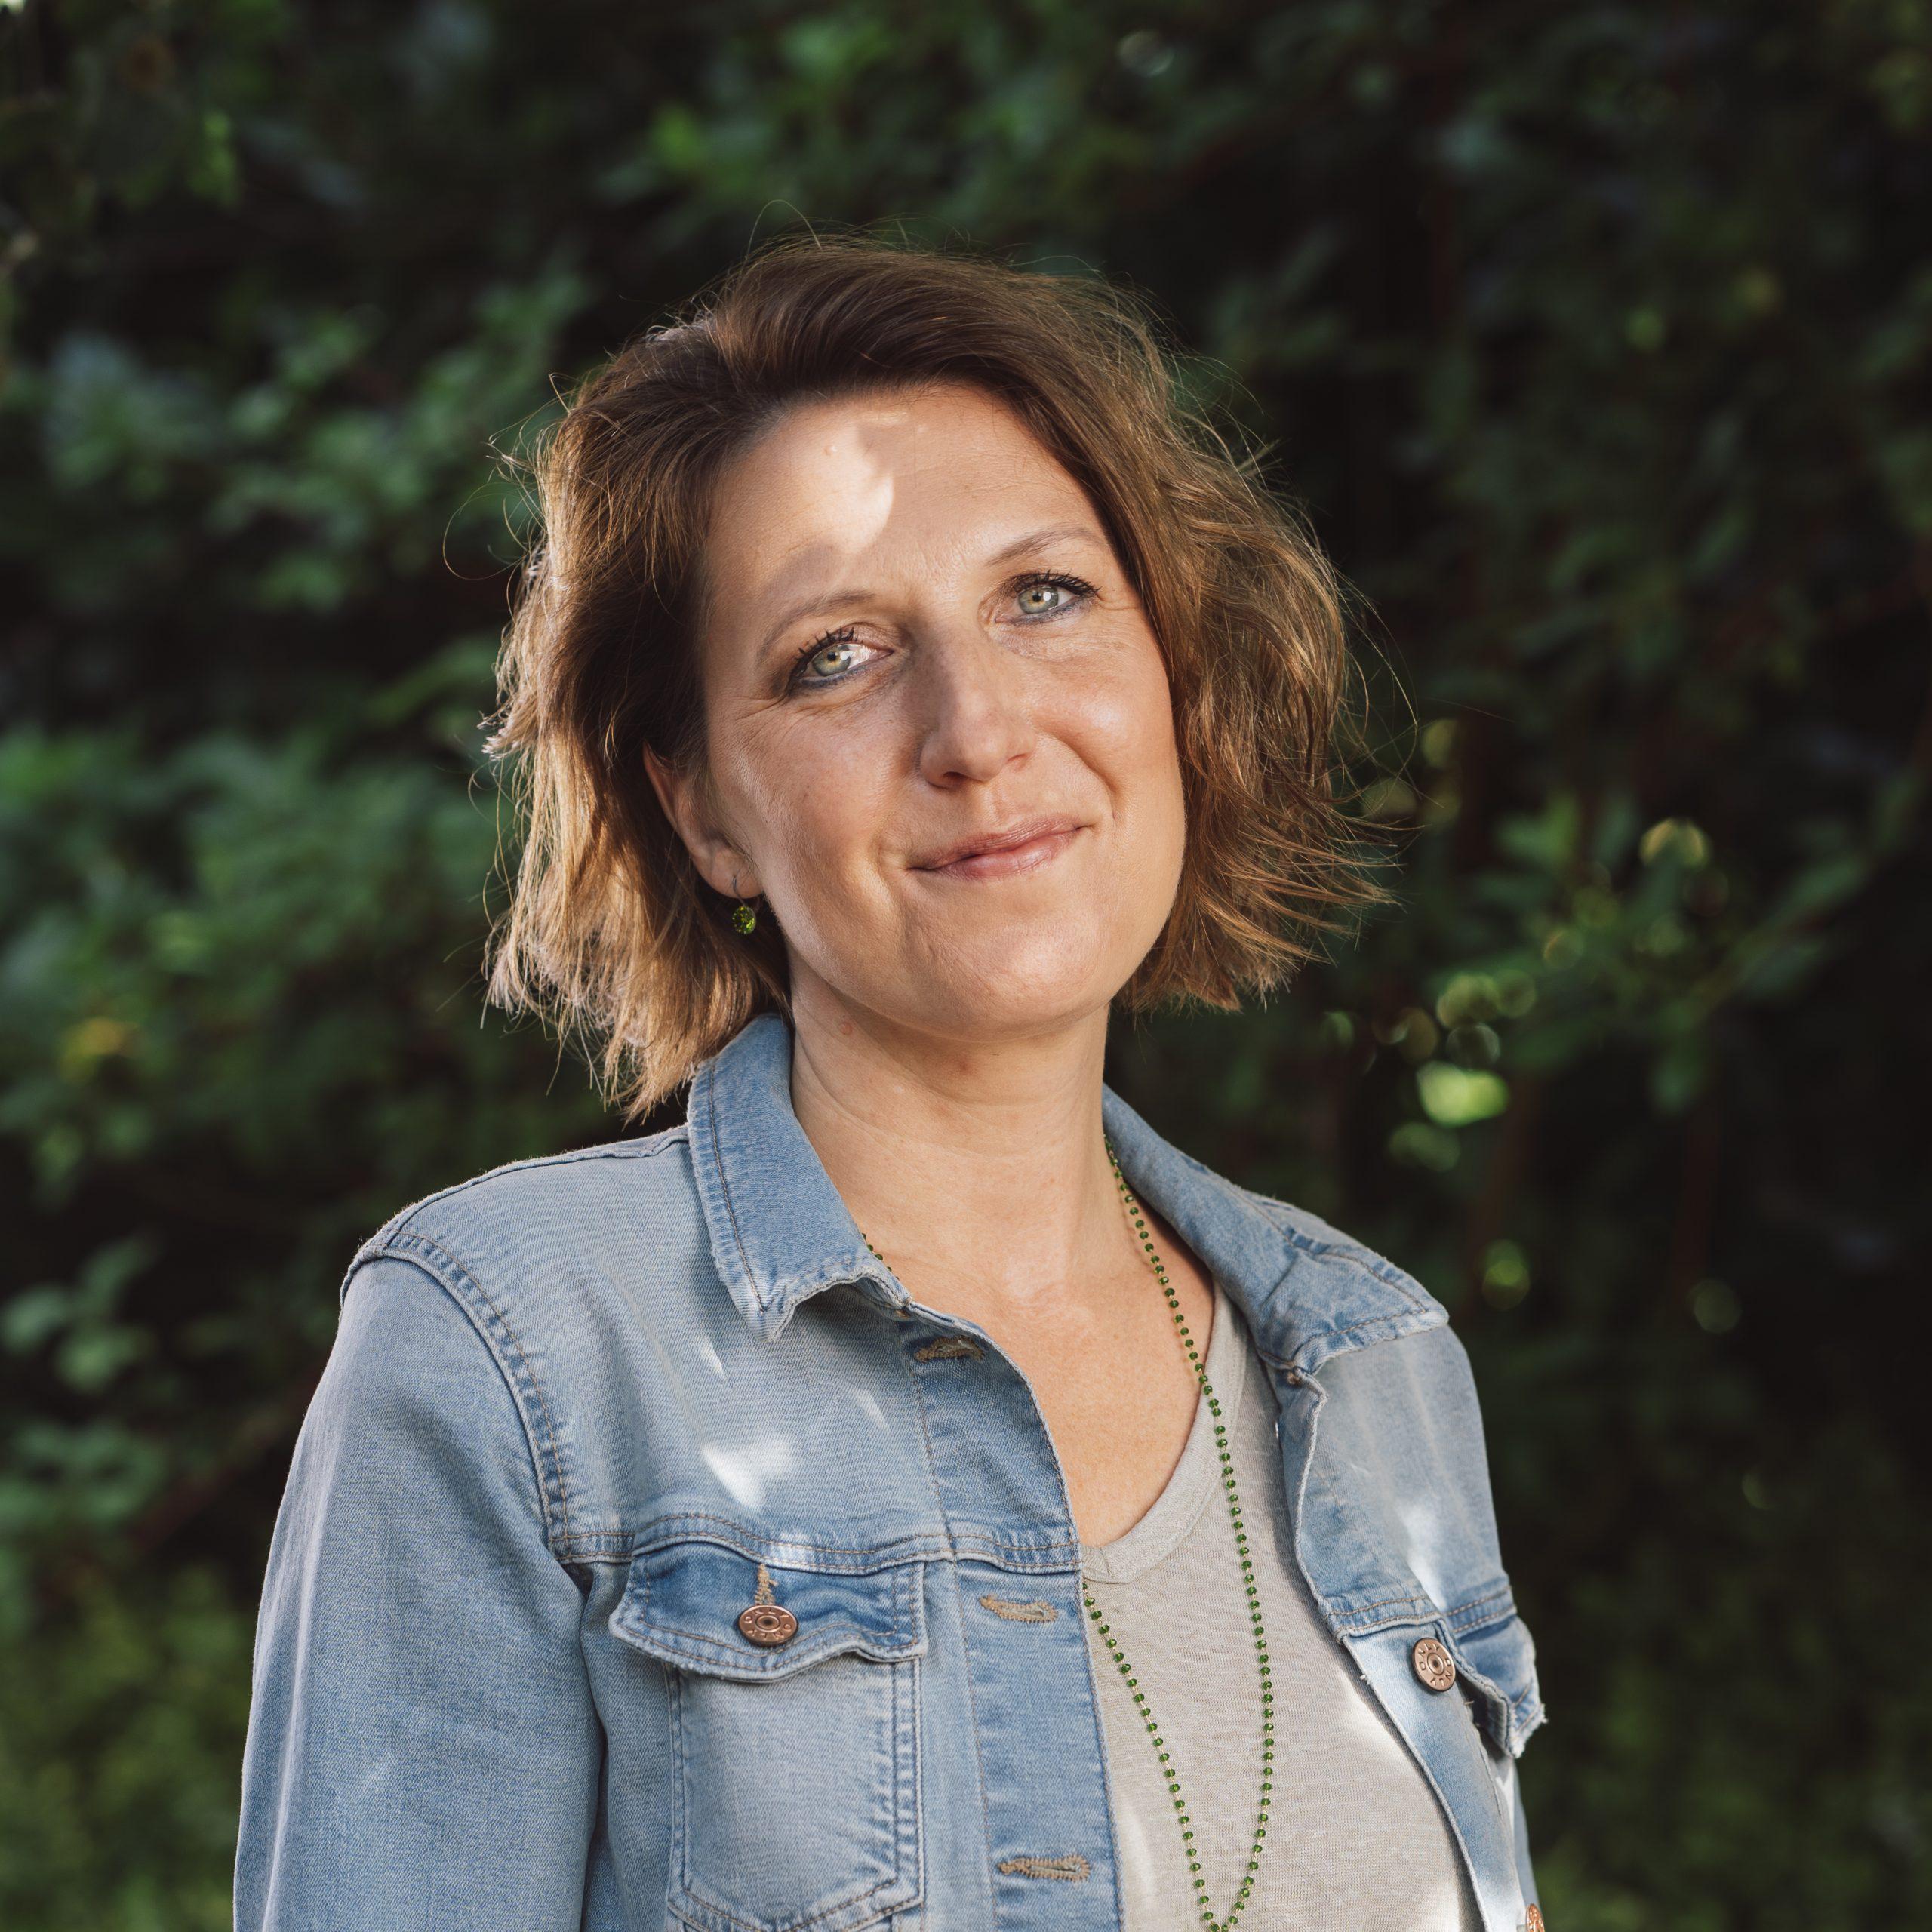 Katja Pathe-Wüllner